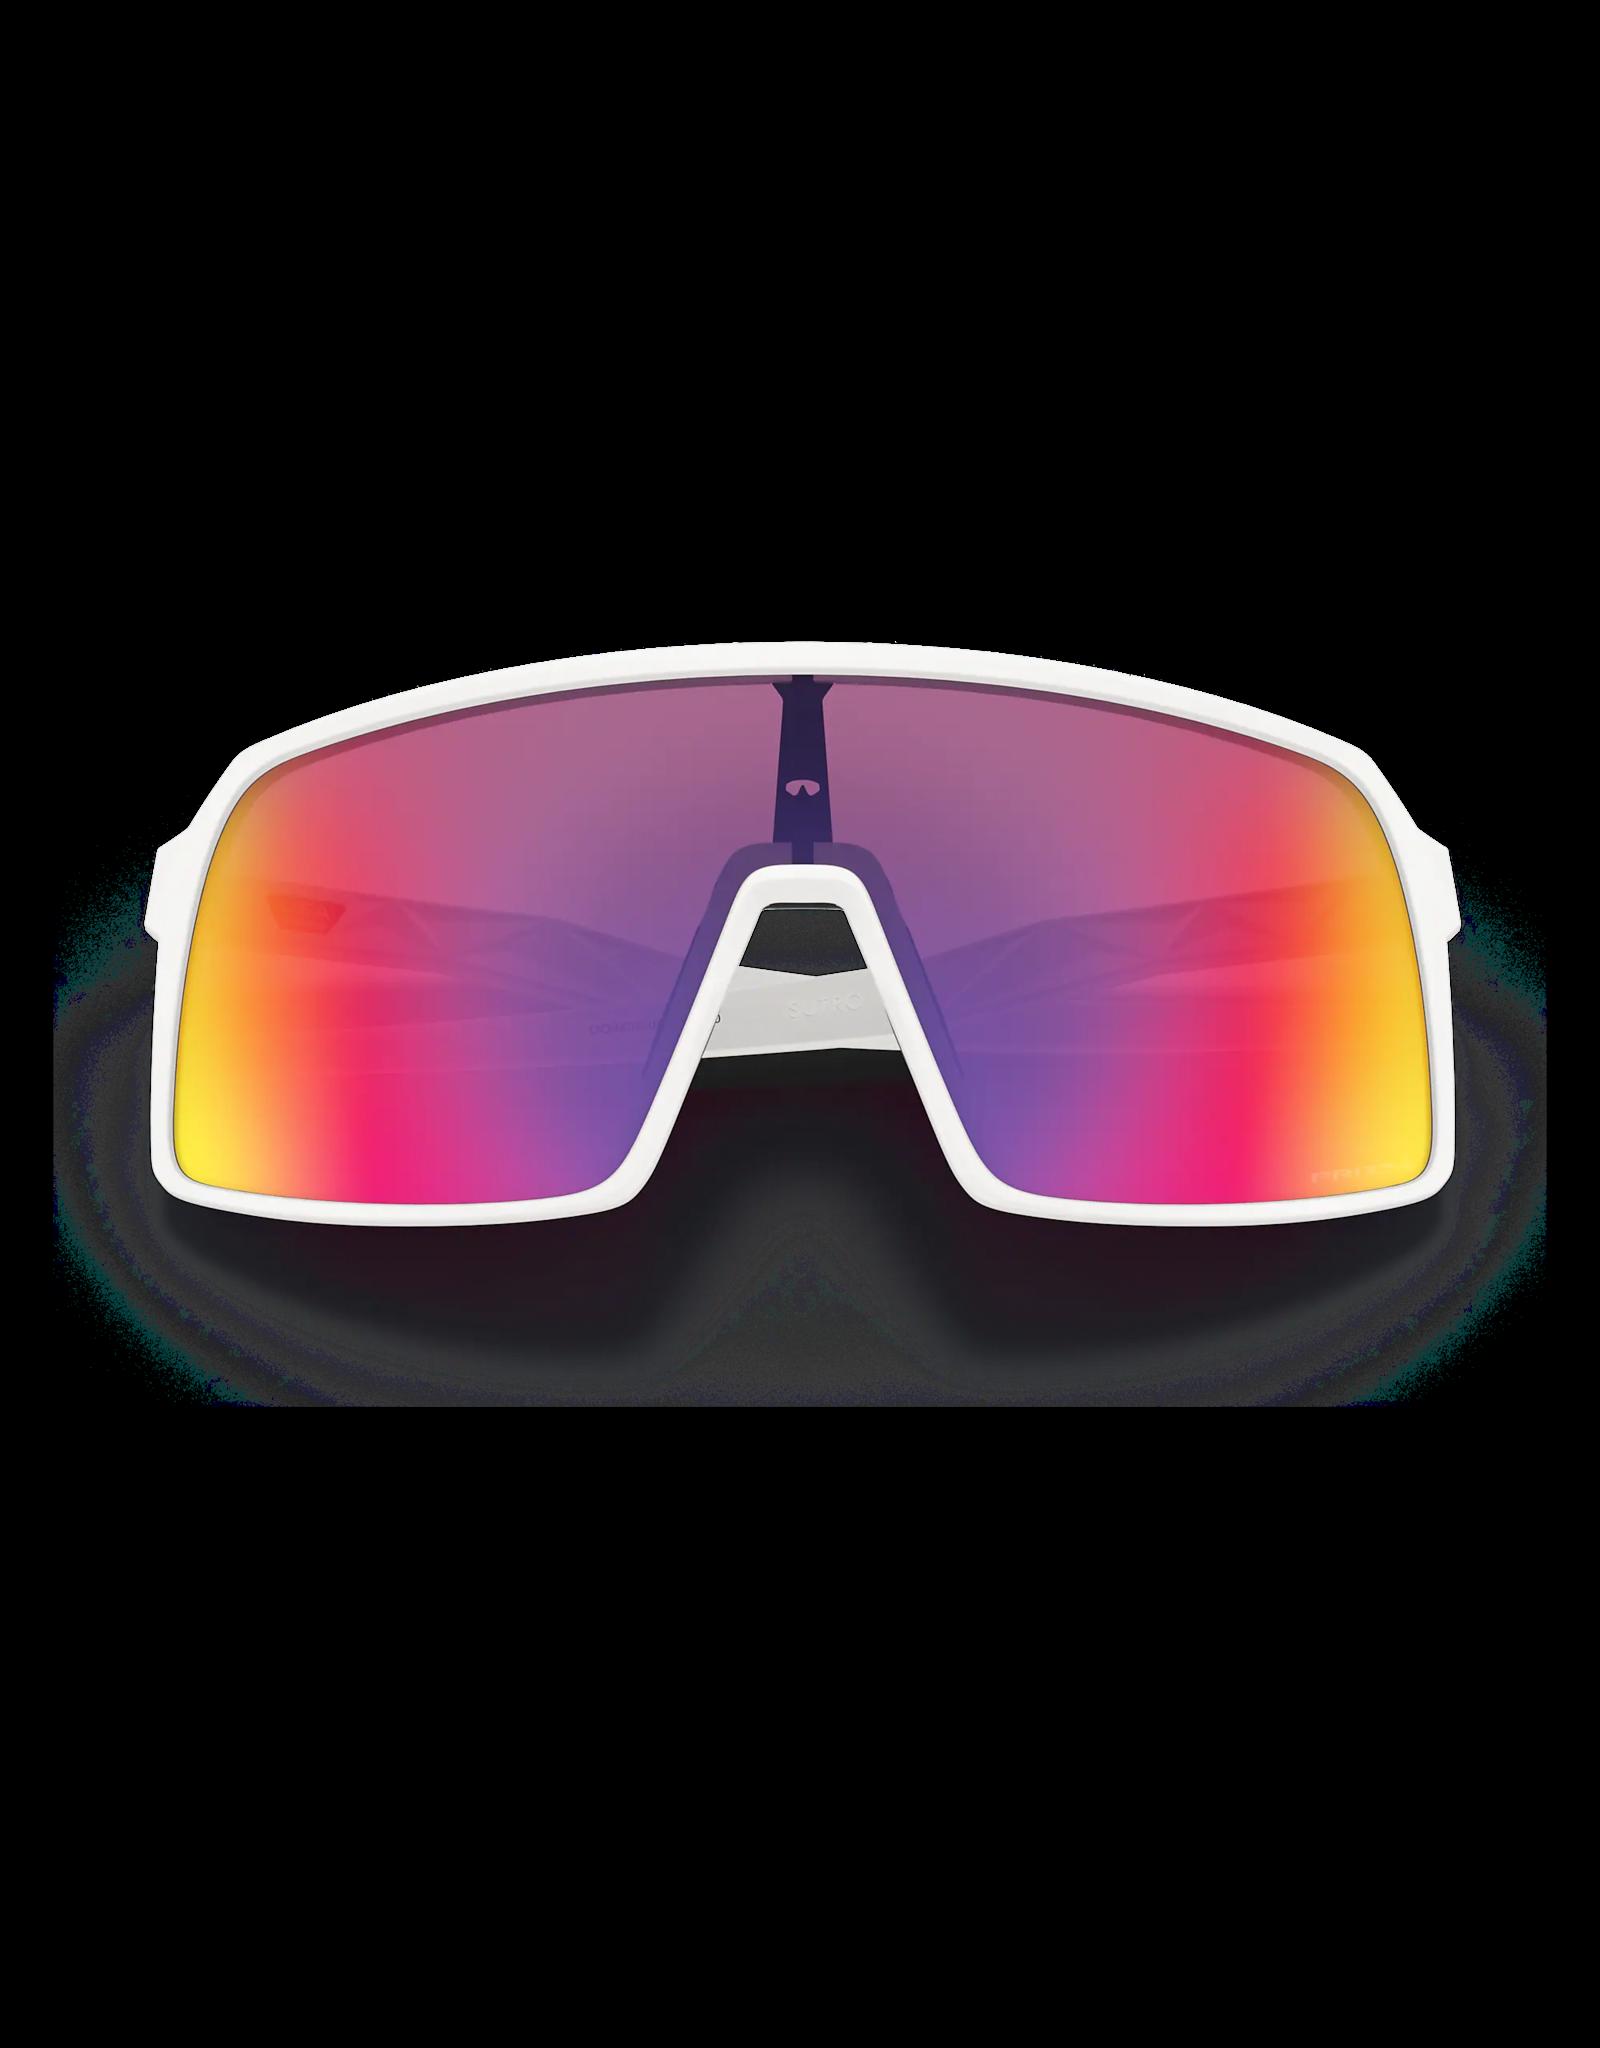 OAKLEY oakley Sutro matte blanc prizm road sunglasses